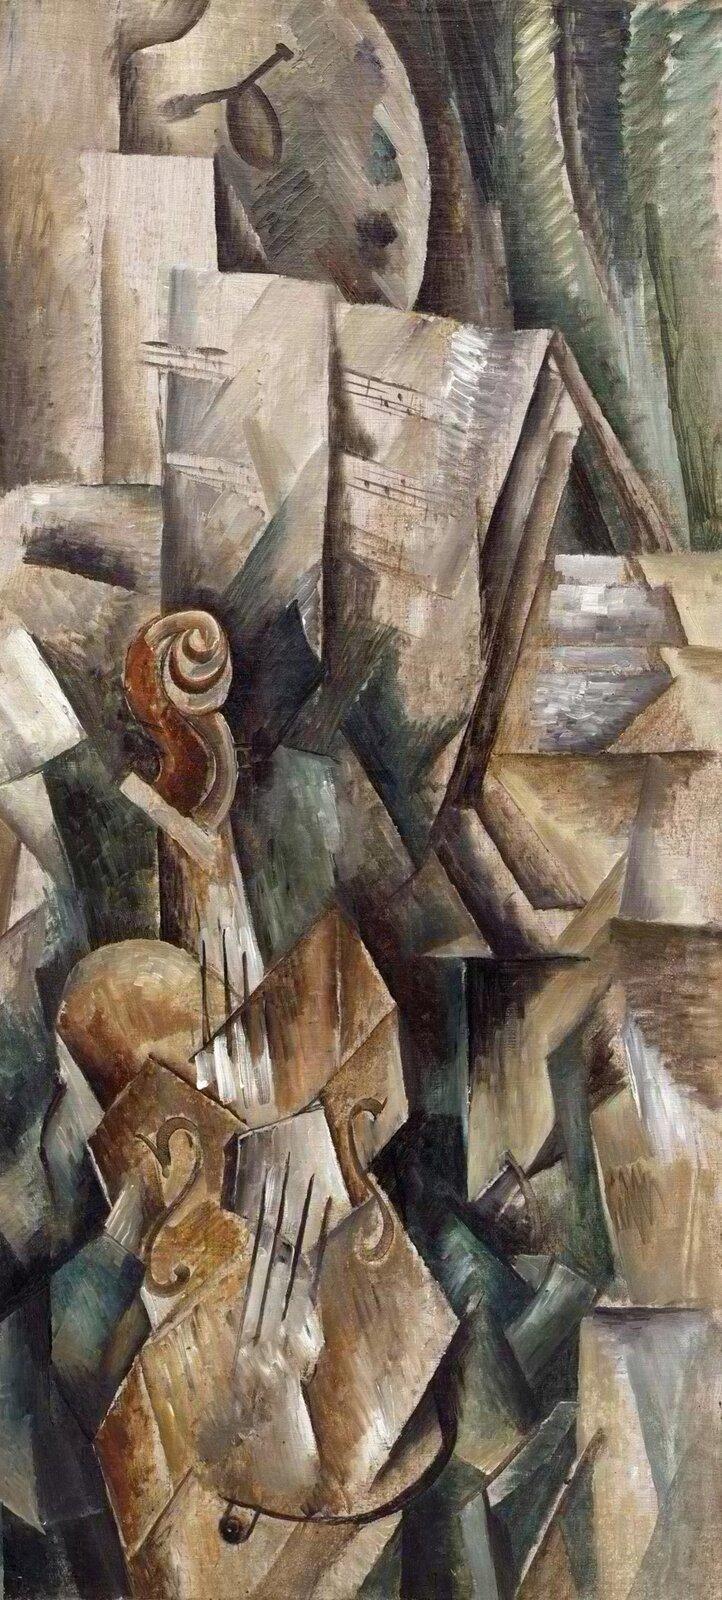 """Ilustracja przedstawia obraz Georgesa Braque'a pt. """"Skrzypce ipaleta"""". Ukazuje ona kubistyczne dzieło. Na pierwszym planie widzimy skrzypce, karty znutami oraz paletę malarską. Szara paleta jest widoczna ugóry, zkolei brązowe skrzypce są udołu. Przedmioty te zostały podzielone, jednakże są rozpoznawalne. Wtle widzimy kotarę/zasłonę, która odsłania przed widzem wymienione przedmioty. Dominują kolory ciemne, jak czerń, ciemna zieleń, atakże szarości, brązy, beże."""